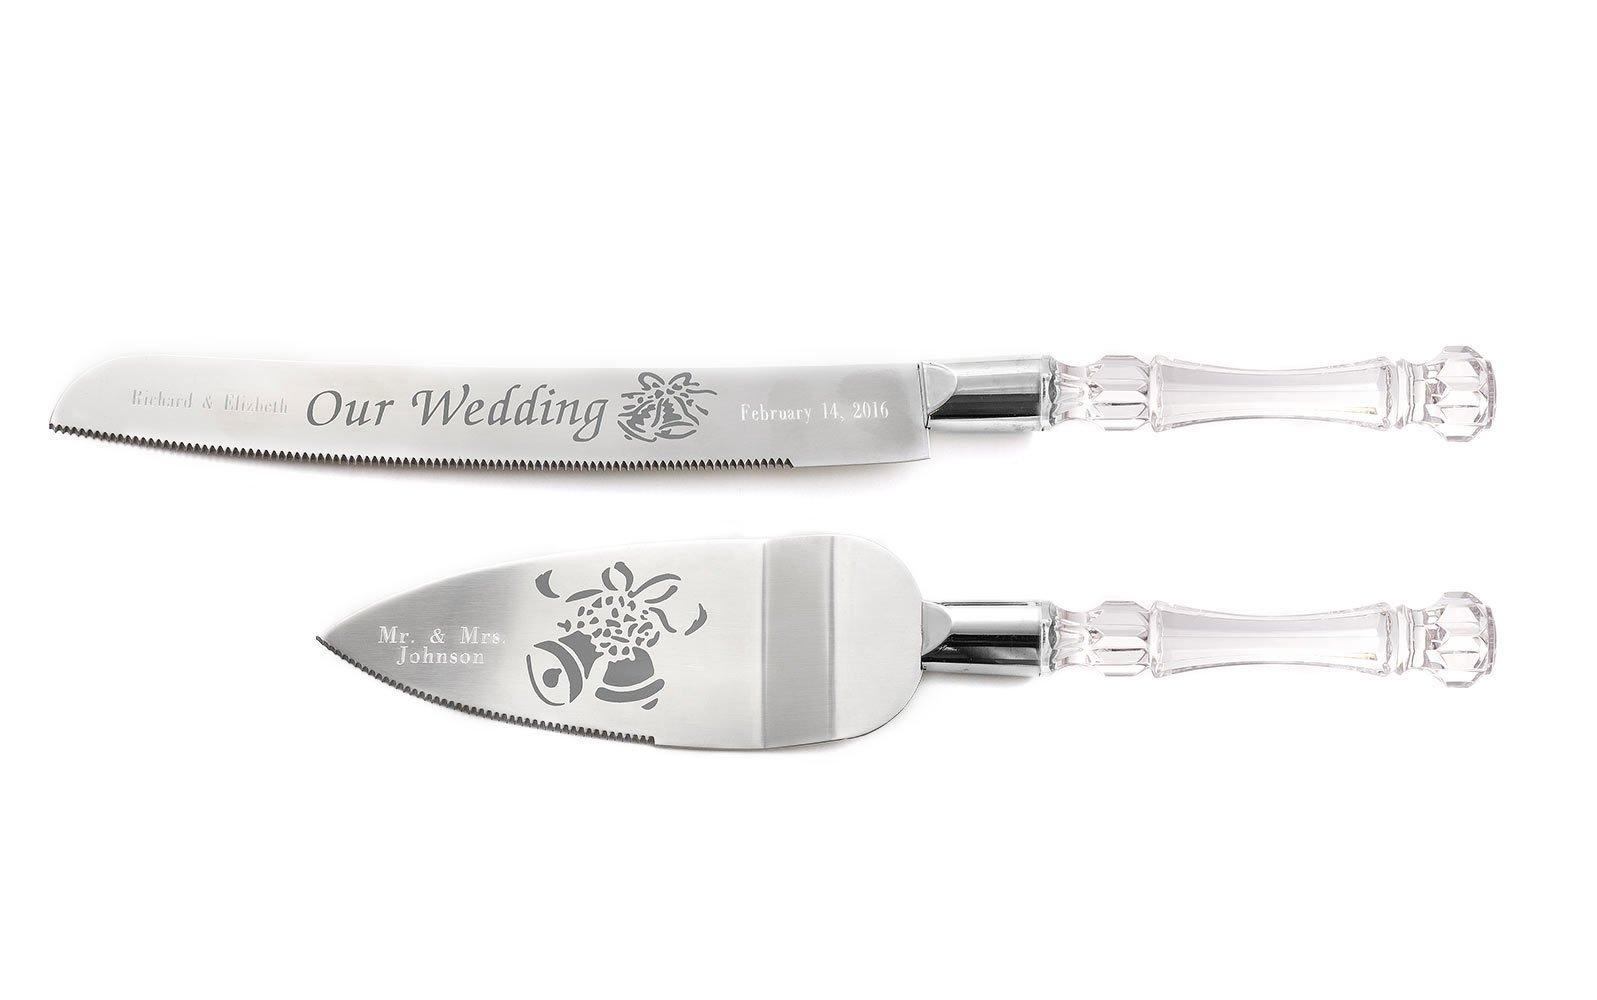 Personalized Wedding Cake Knife & Server Set Engraved Custom